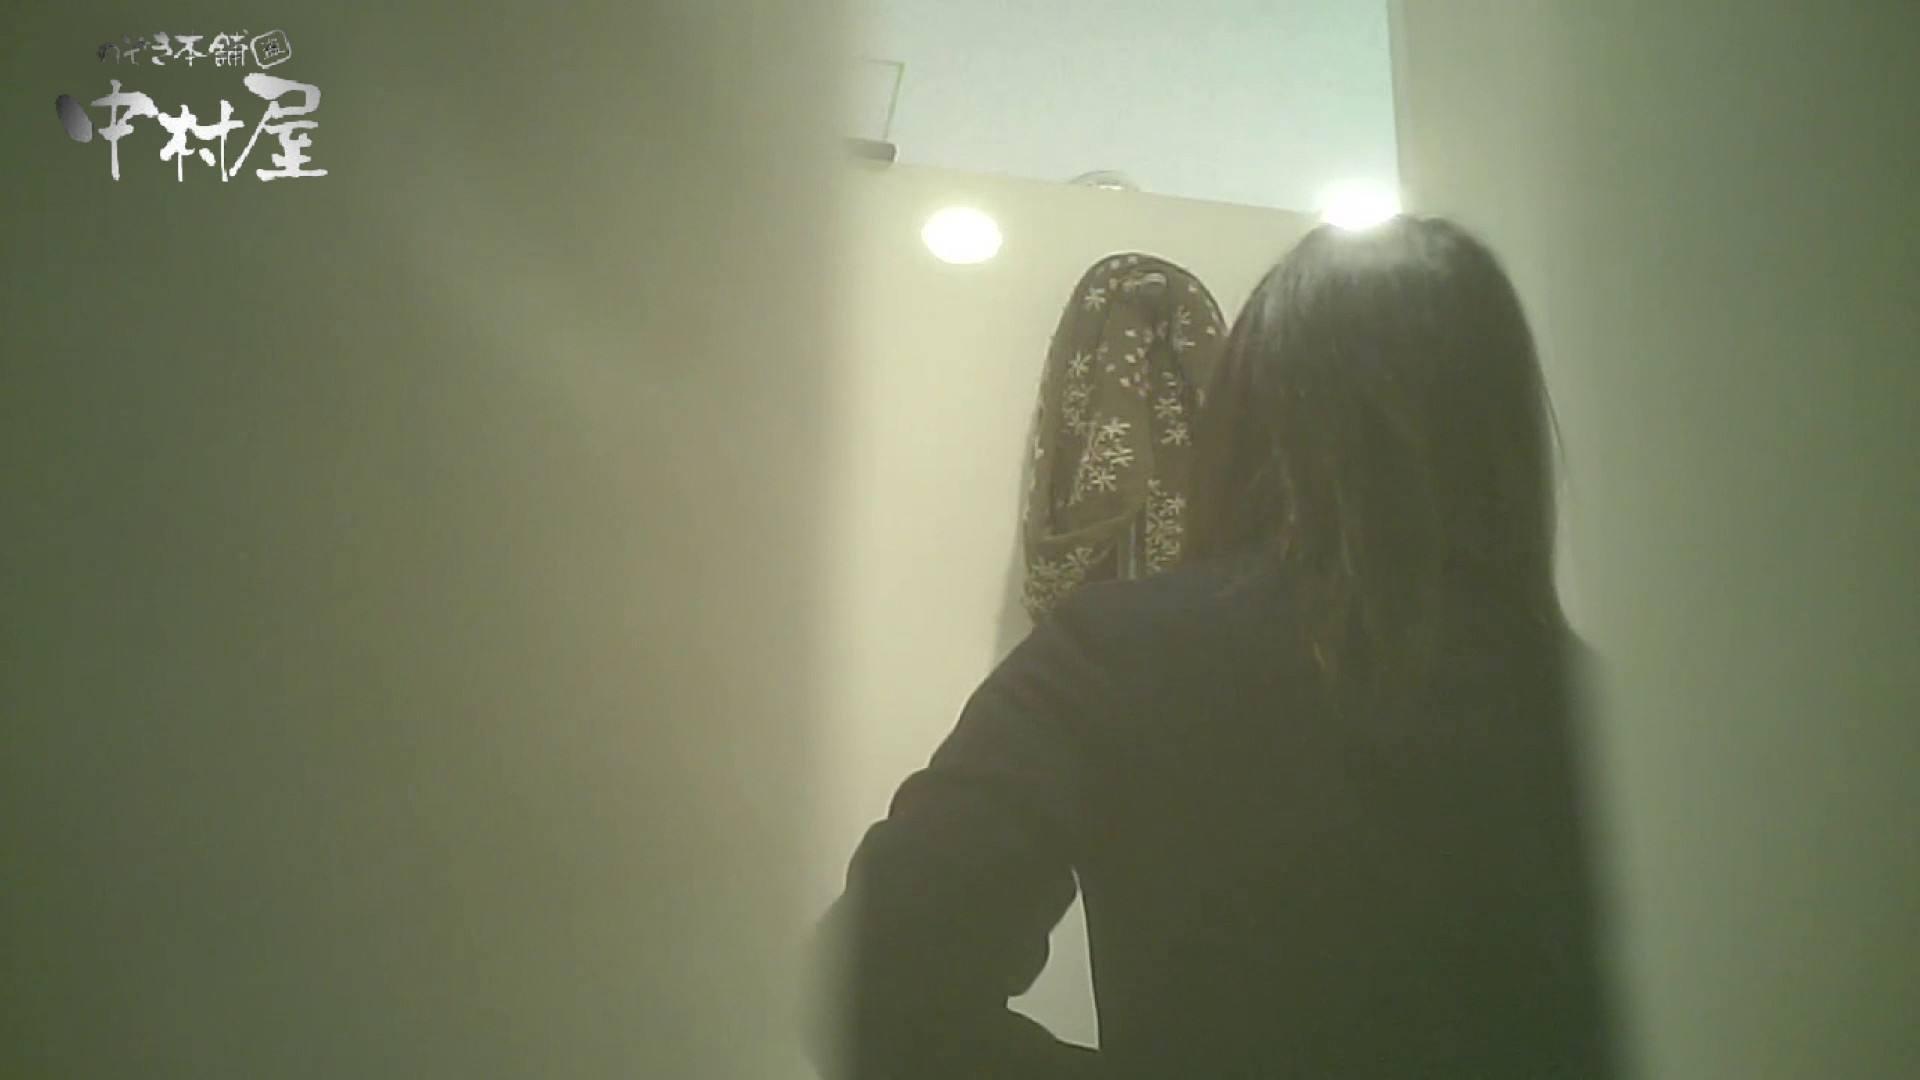 有名大学女性洗面所 vol.54 設置撮影最高峰!! 3視点でじっくり観察 洗面所突入 オマンコ動画キャプチャ 94pic 3